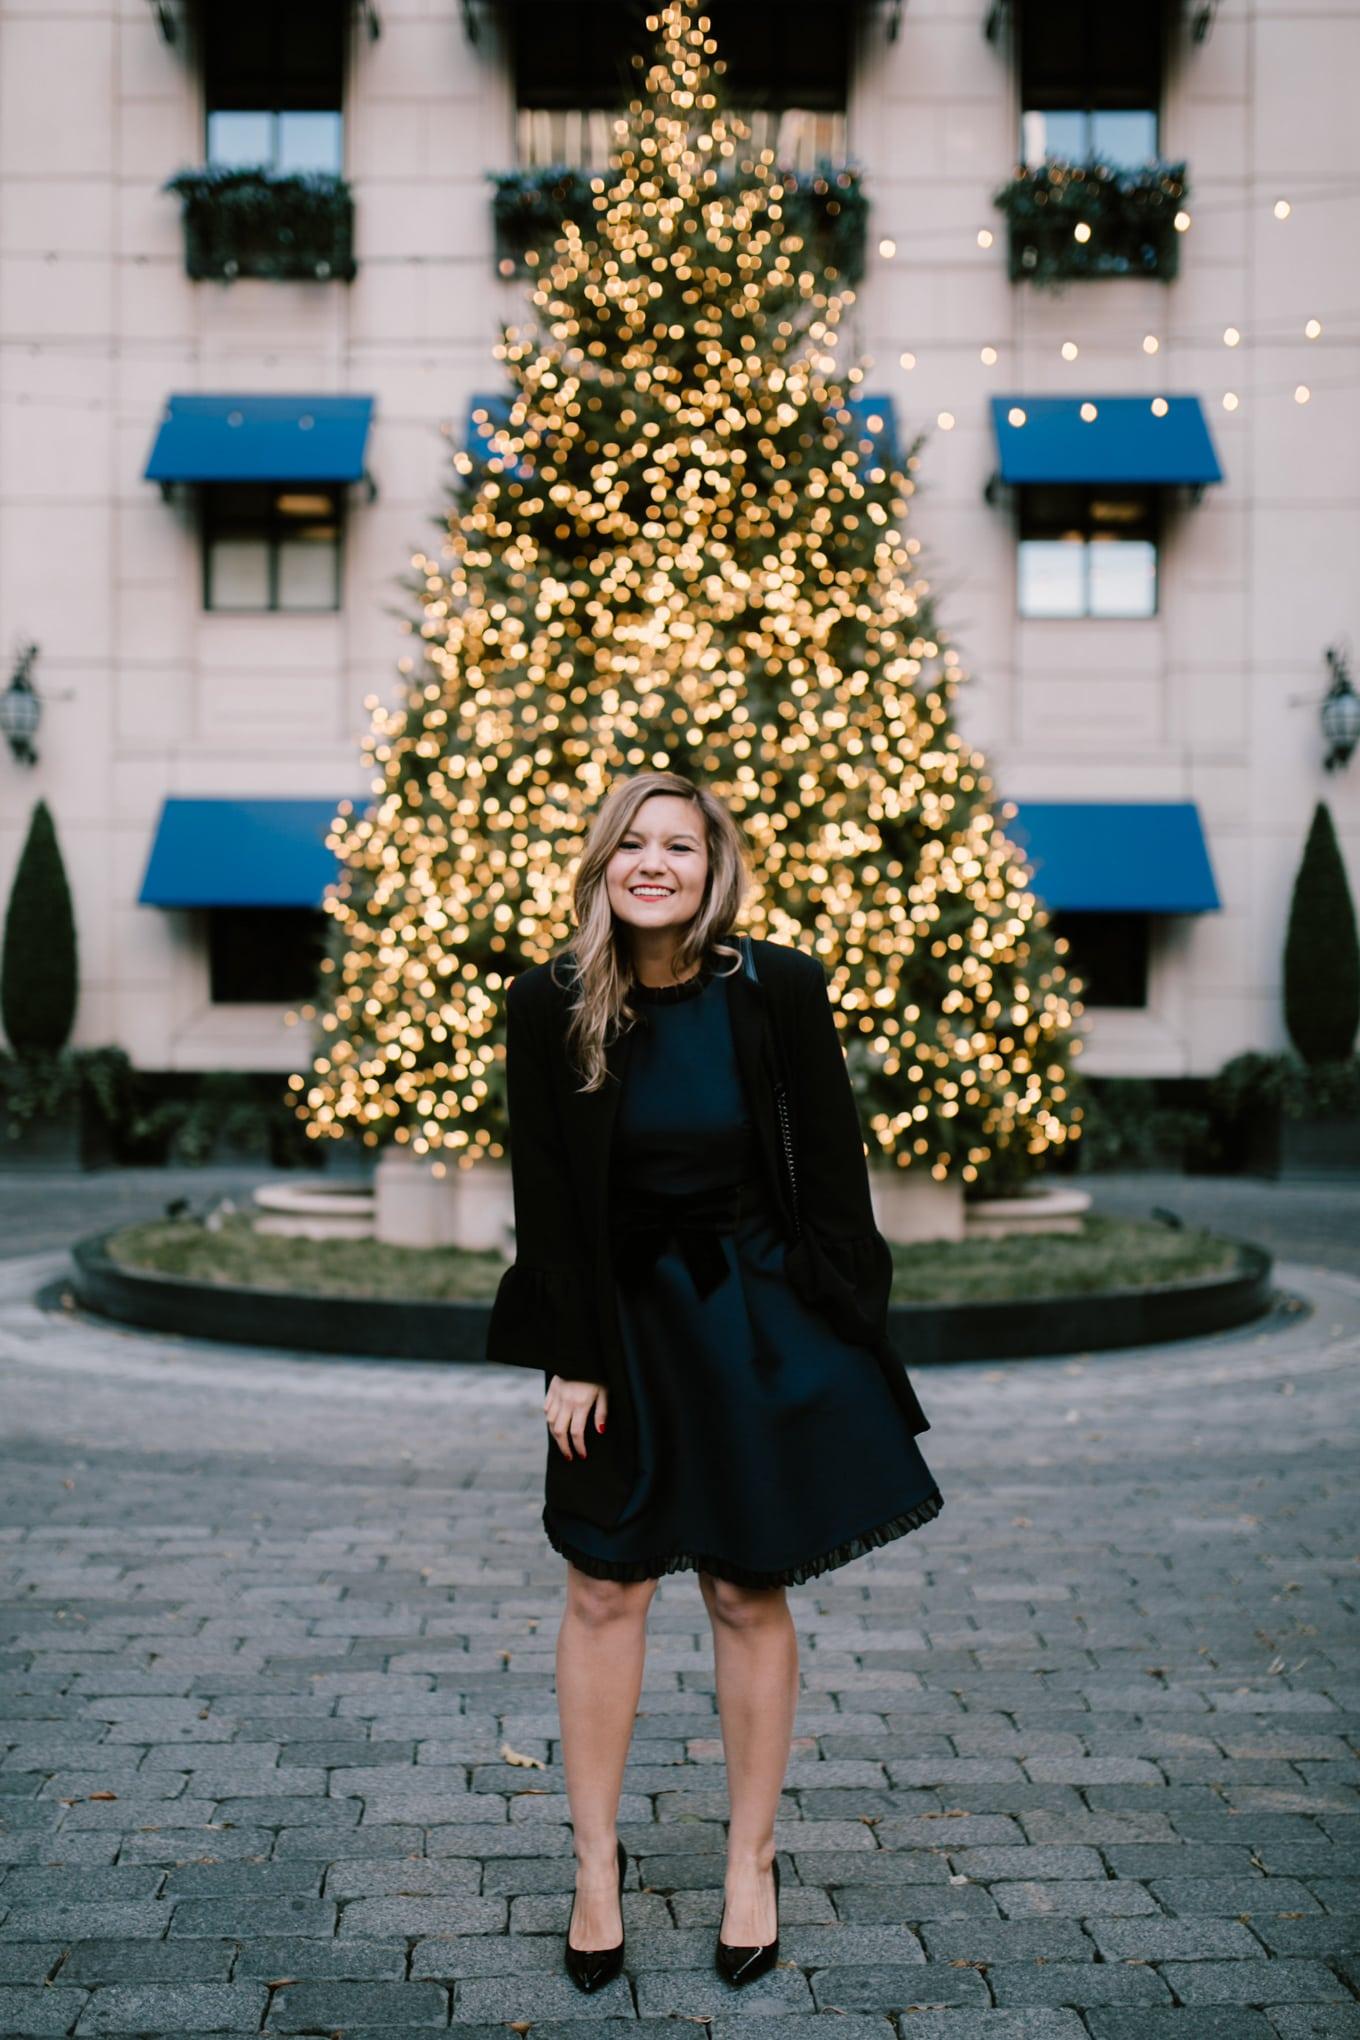 Lauren Nolan - The Best Holiday Activities in Chicago